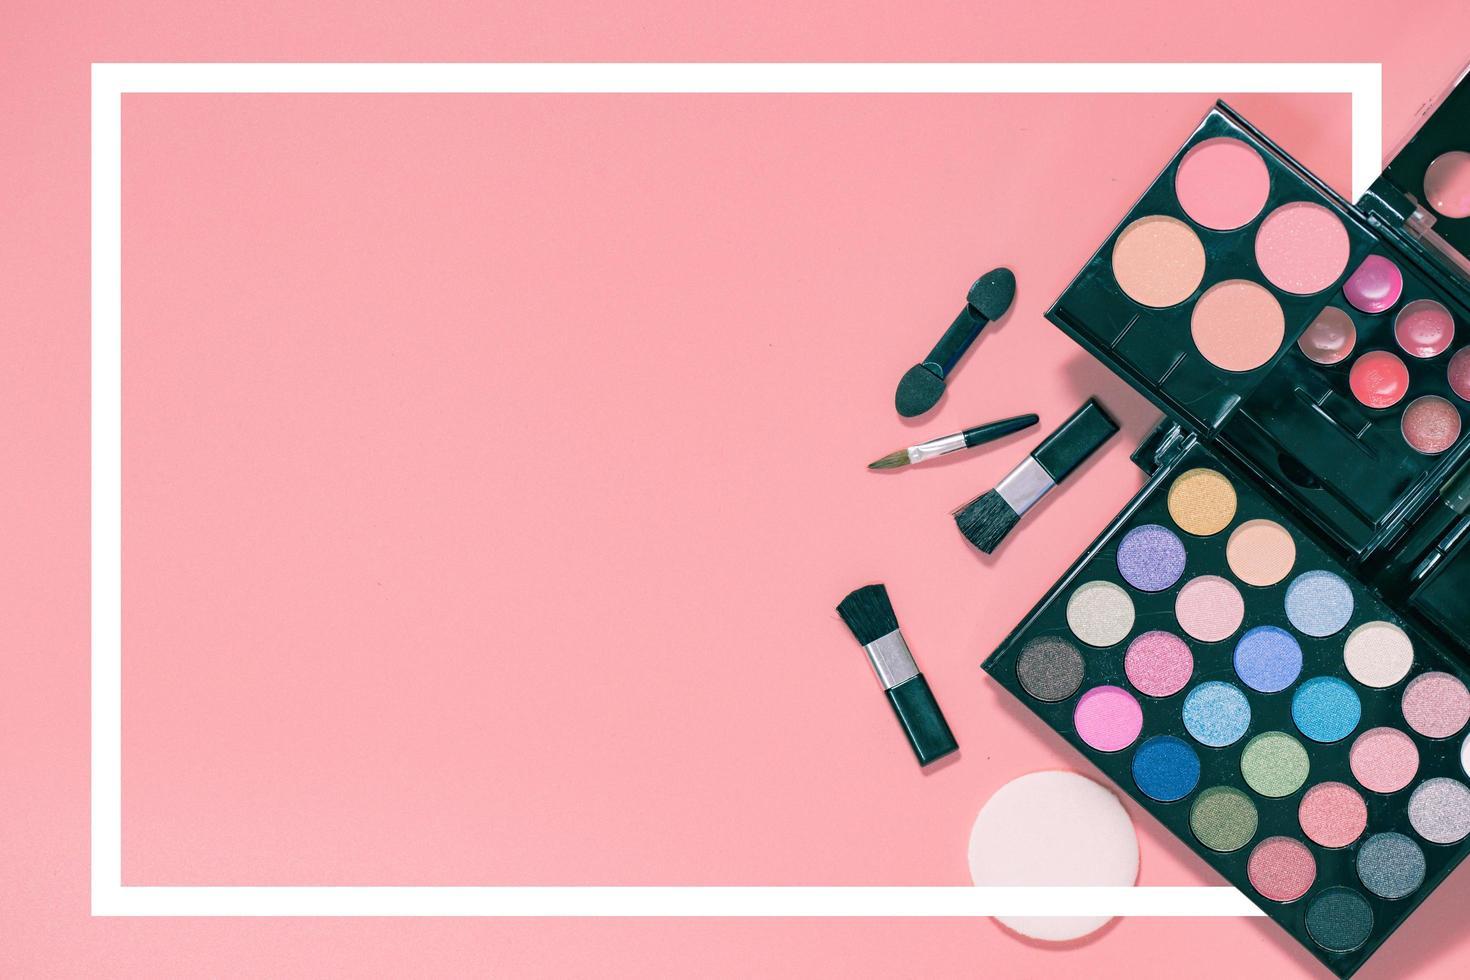 uppsättning dekorativa kosmetika på ljus färgrik rosa bakgrund. foto